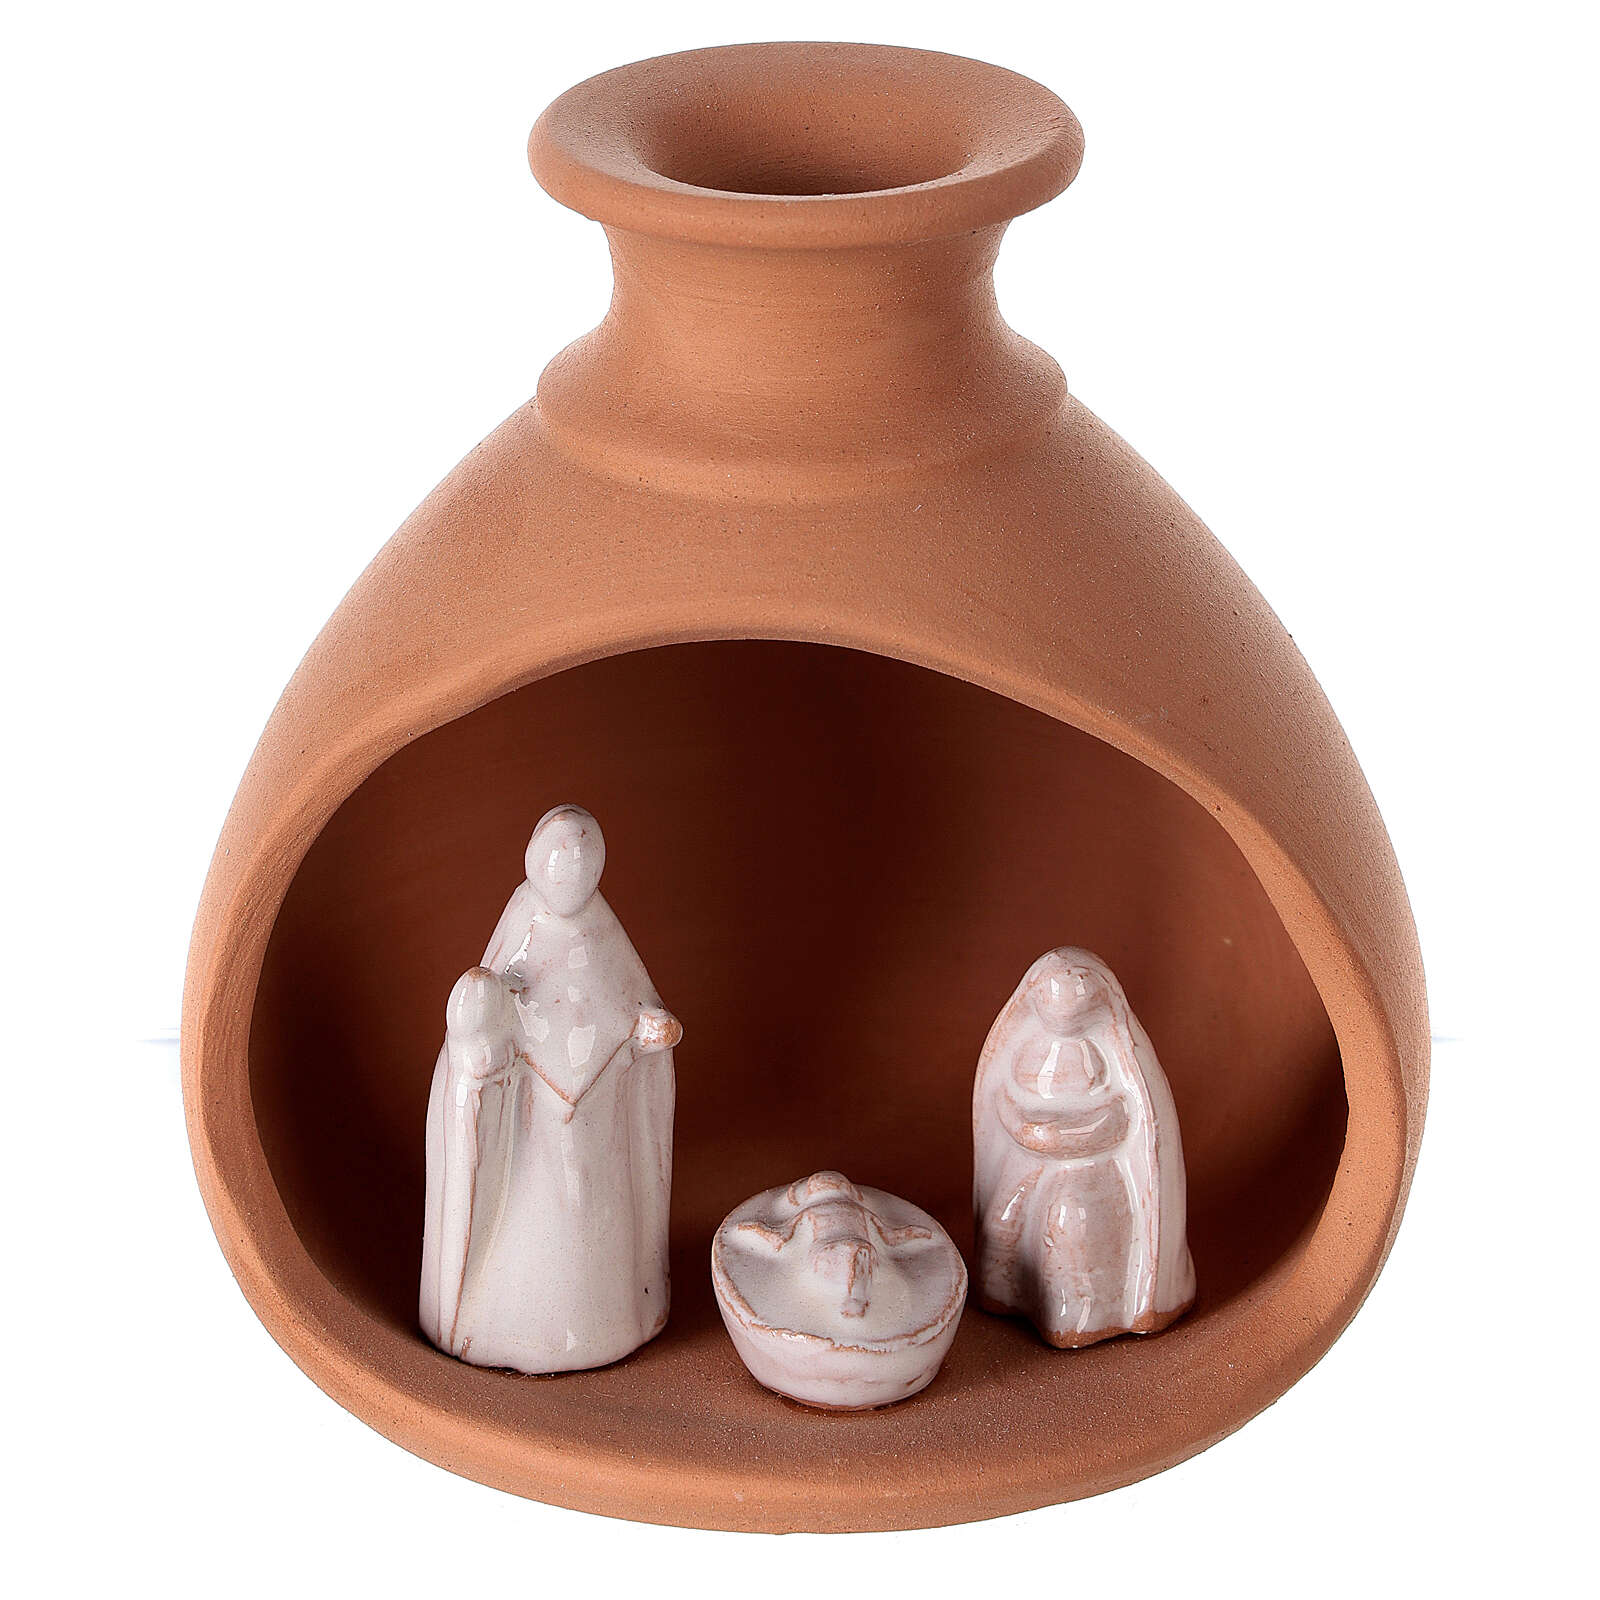 Cabana Natividade mini vaso redondo terracota natural com figuras Sagrada Família brancas Deruta 10 cm 4